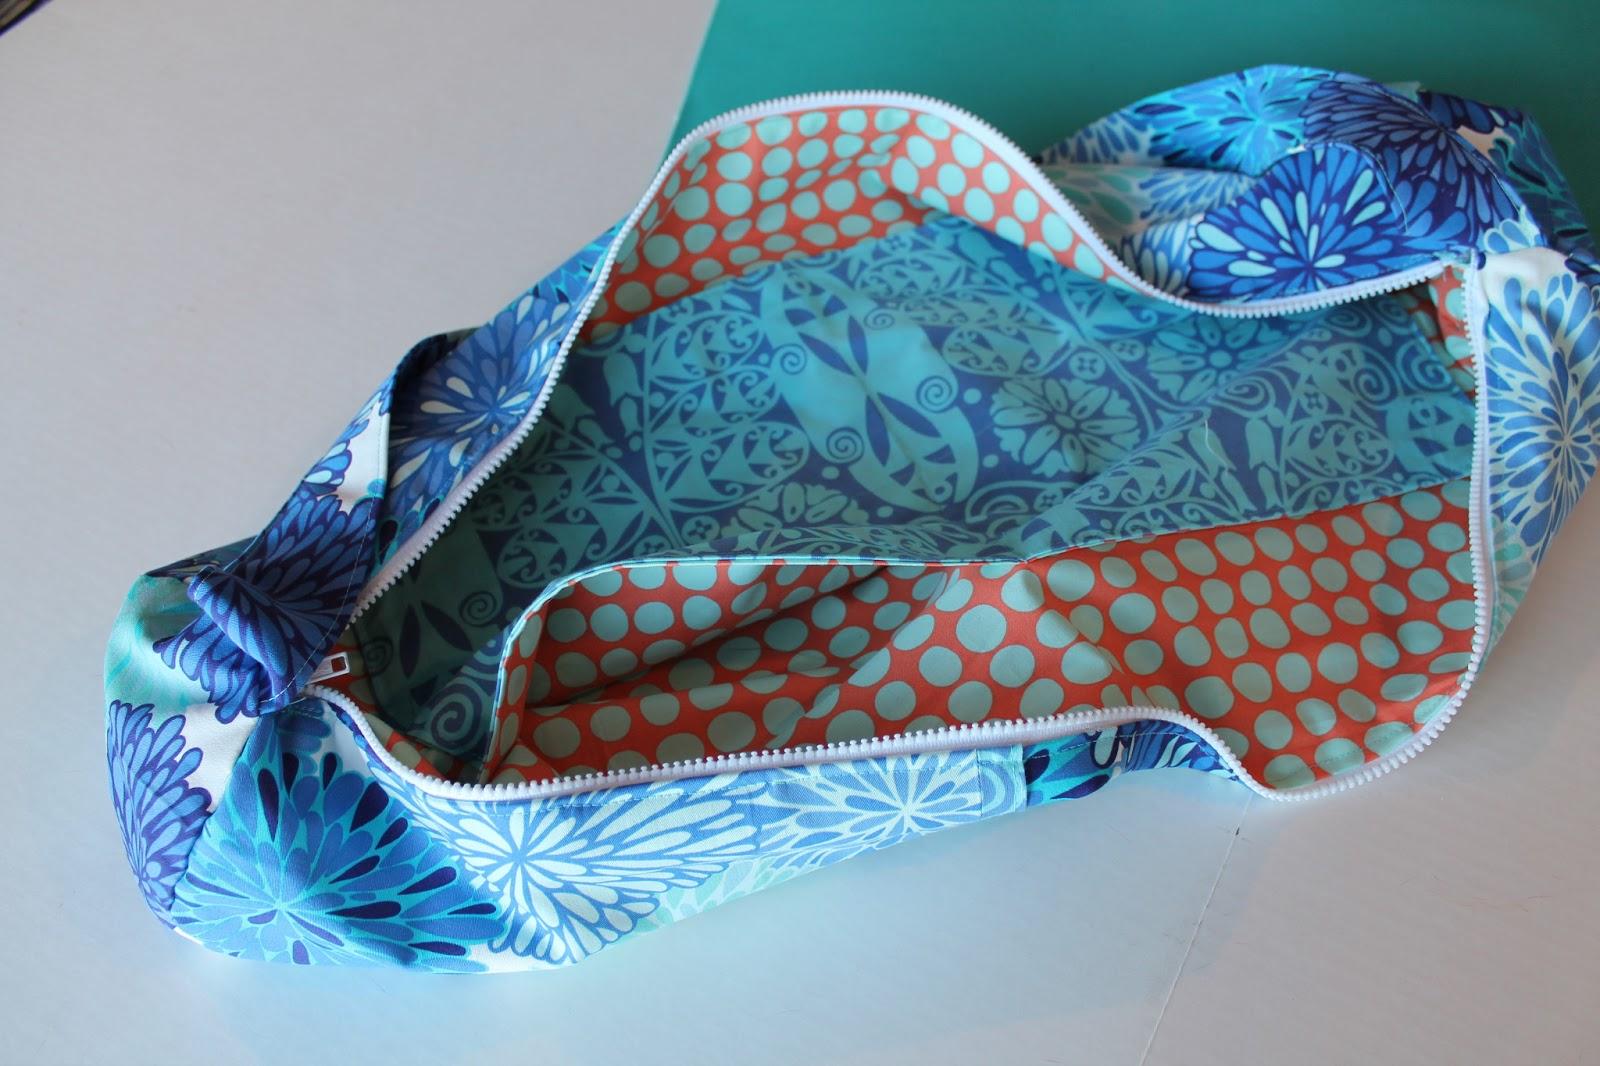 Jane s Girl Designs  Yoga Bag - A Tutorial! de96946e0dc2d